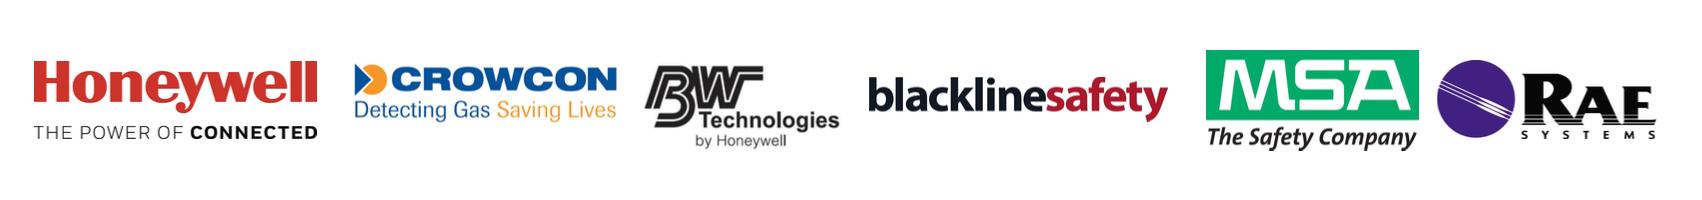 calibration-page-manufacturer-logos-.jpg